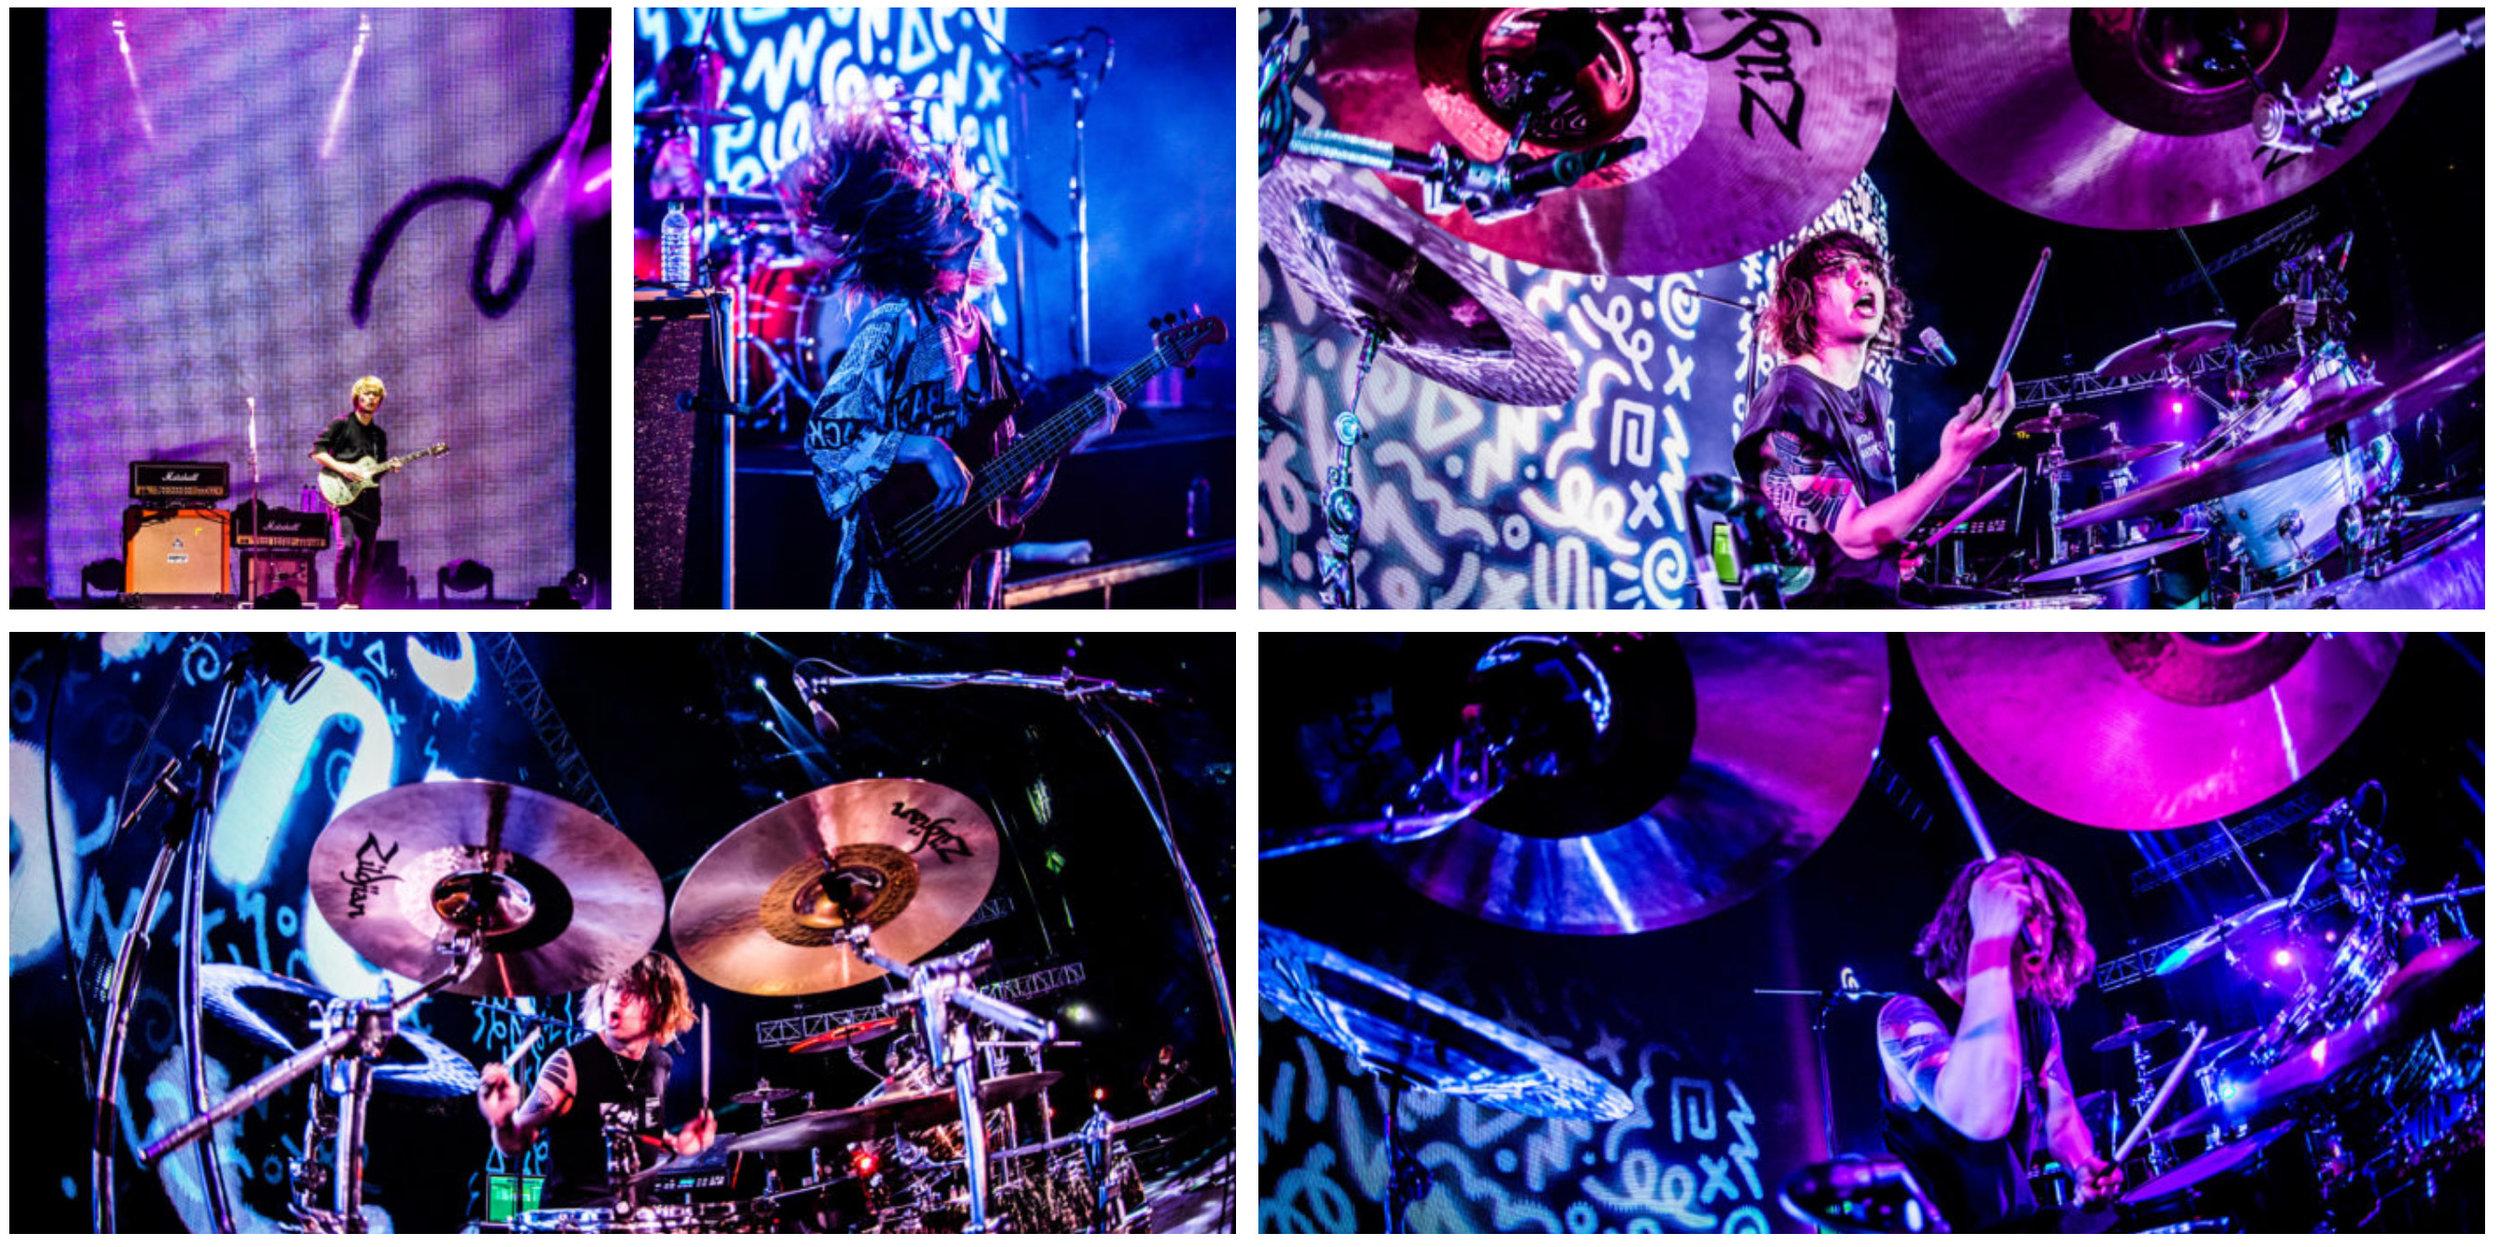 ONE_OK_ROCK_Asia_s2.jpg